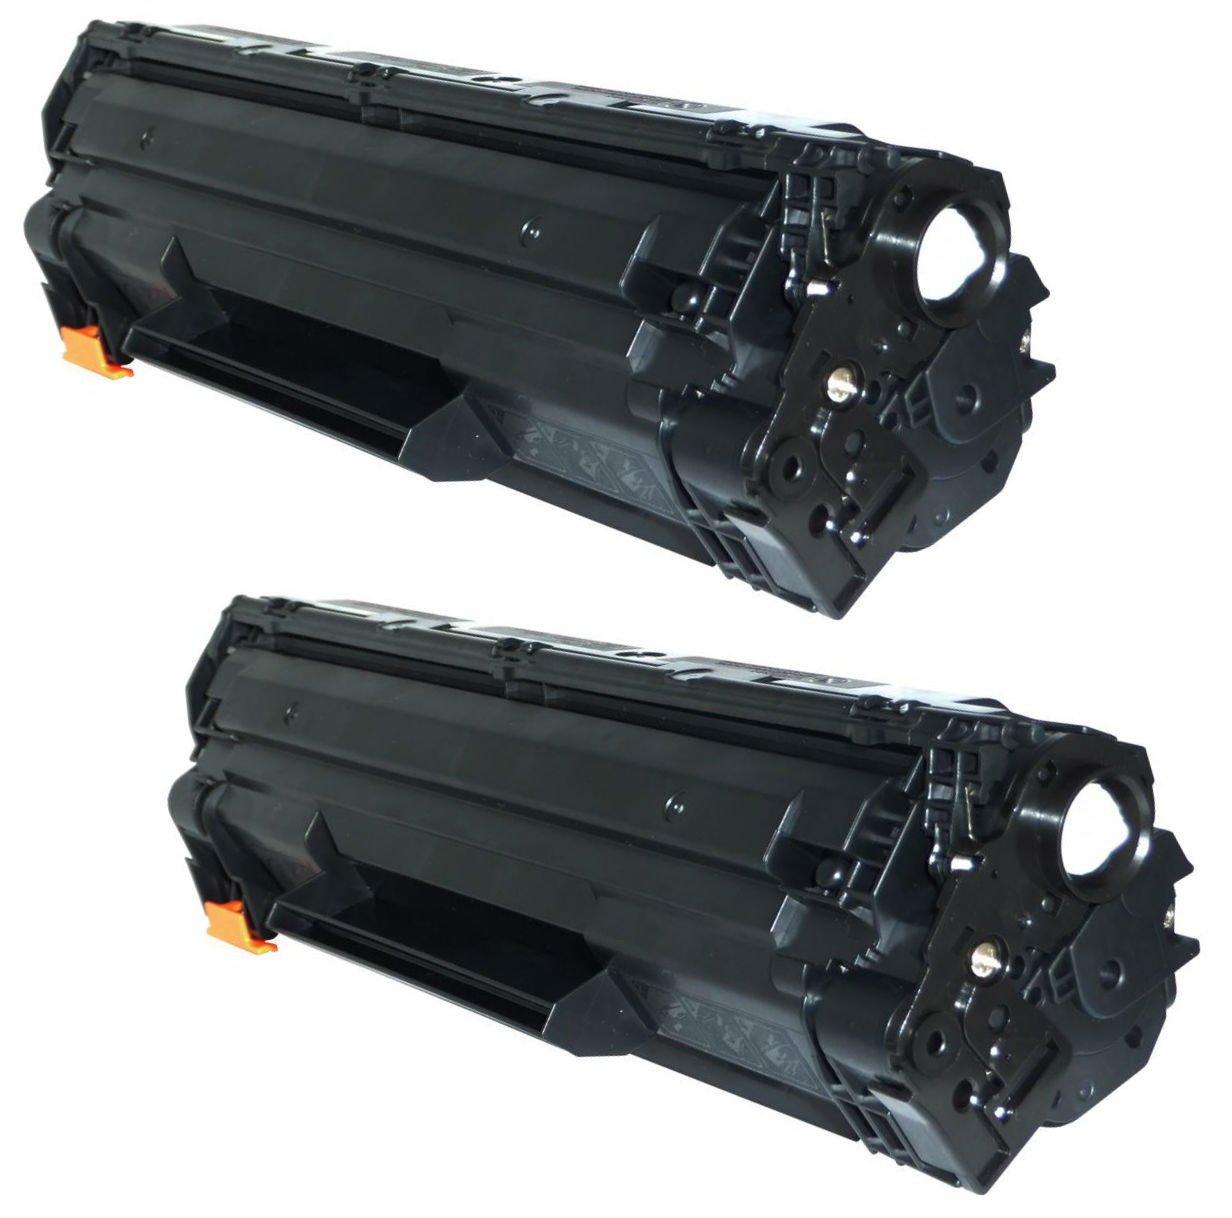 Prestige Cartridge CEA Pack de Cartuchos de tóner láser para HP Laserjet